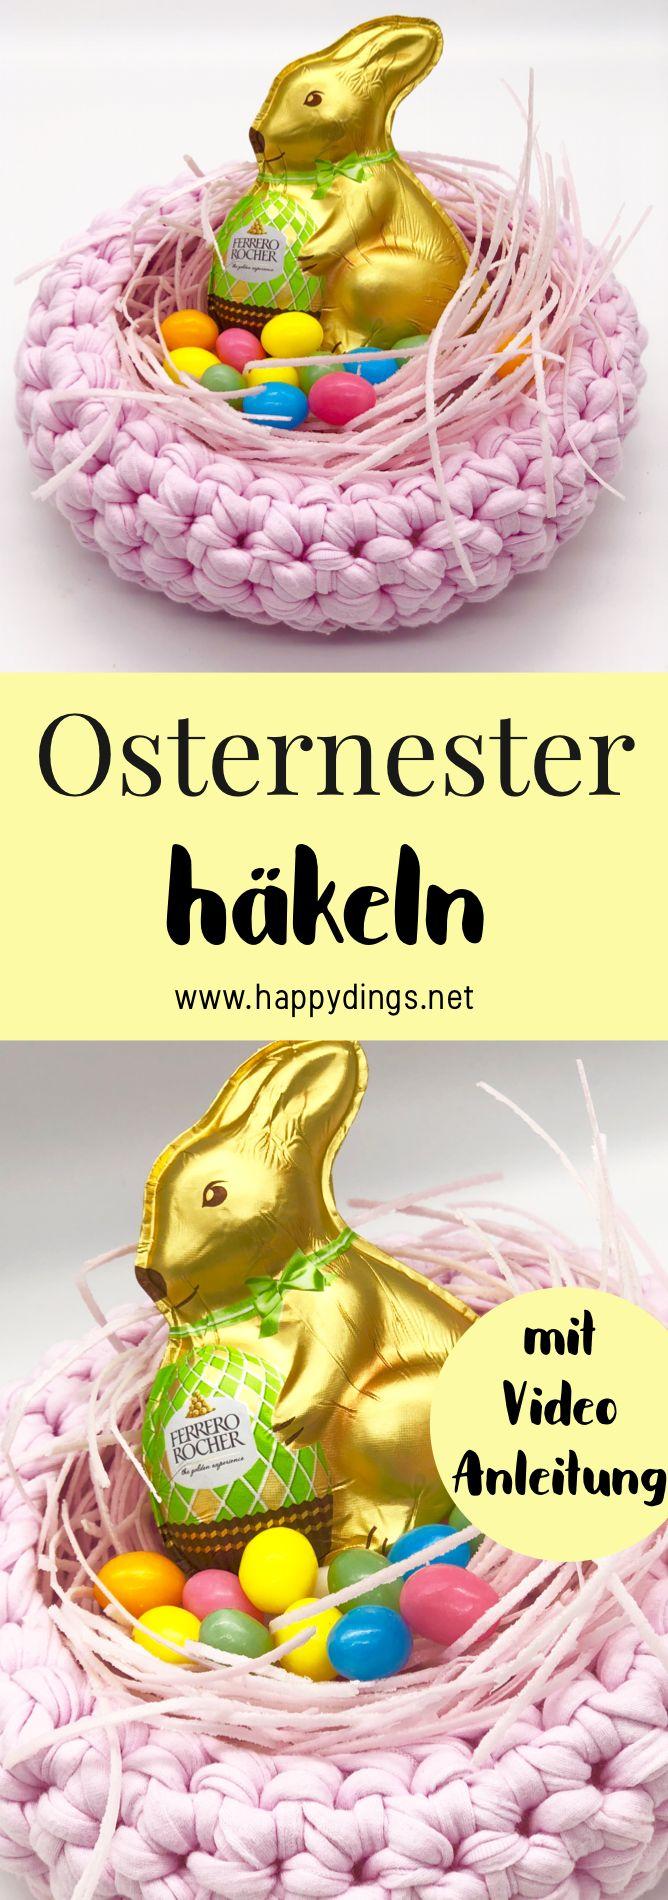 {Anzeige} DIY Osternest selber machen. Körbe als Dekoration für Ostern selber  häkeln. Einfache Häkelanleitung für einen Osterkorb auf deutsch. Kreative Ideen für das Osternest basteln. Einfache Anleitung für schöne Ostergeschenke. #anzeige #OTTOliving #ostern #diyostern #osterdeko #häkeln